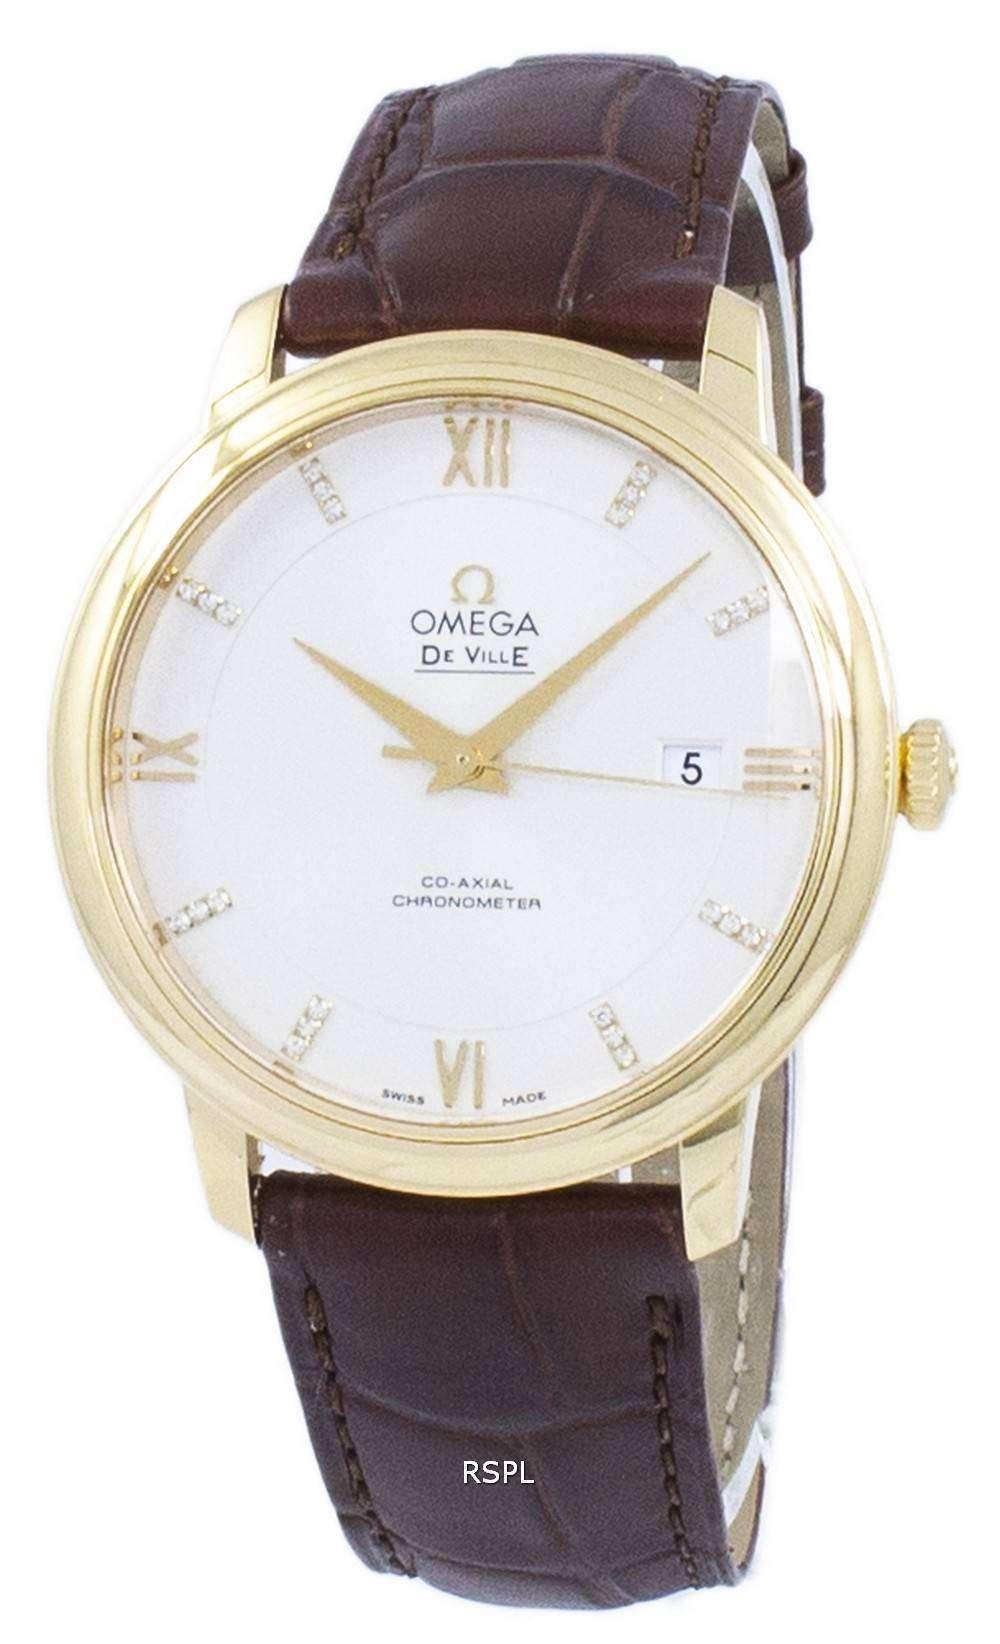 オメガ デ ・ ヴィル プレステージ コーアクシャル クロノメーター自動 424.53.40.20.52.001 メンズ腕時計